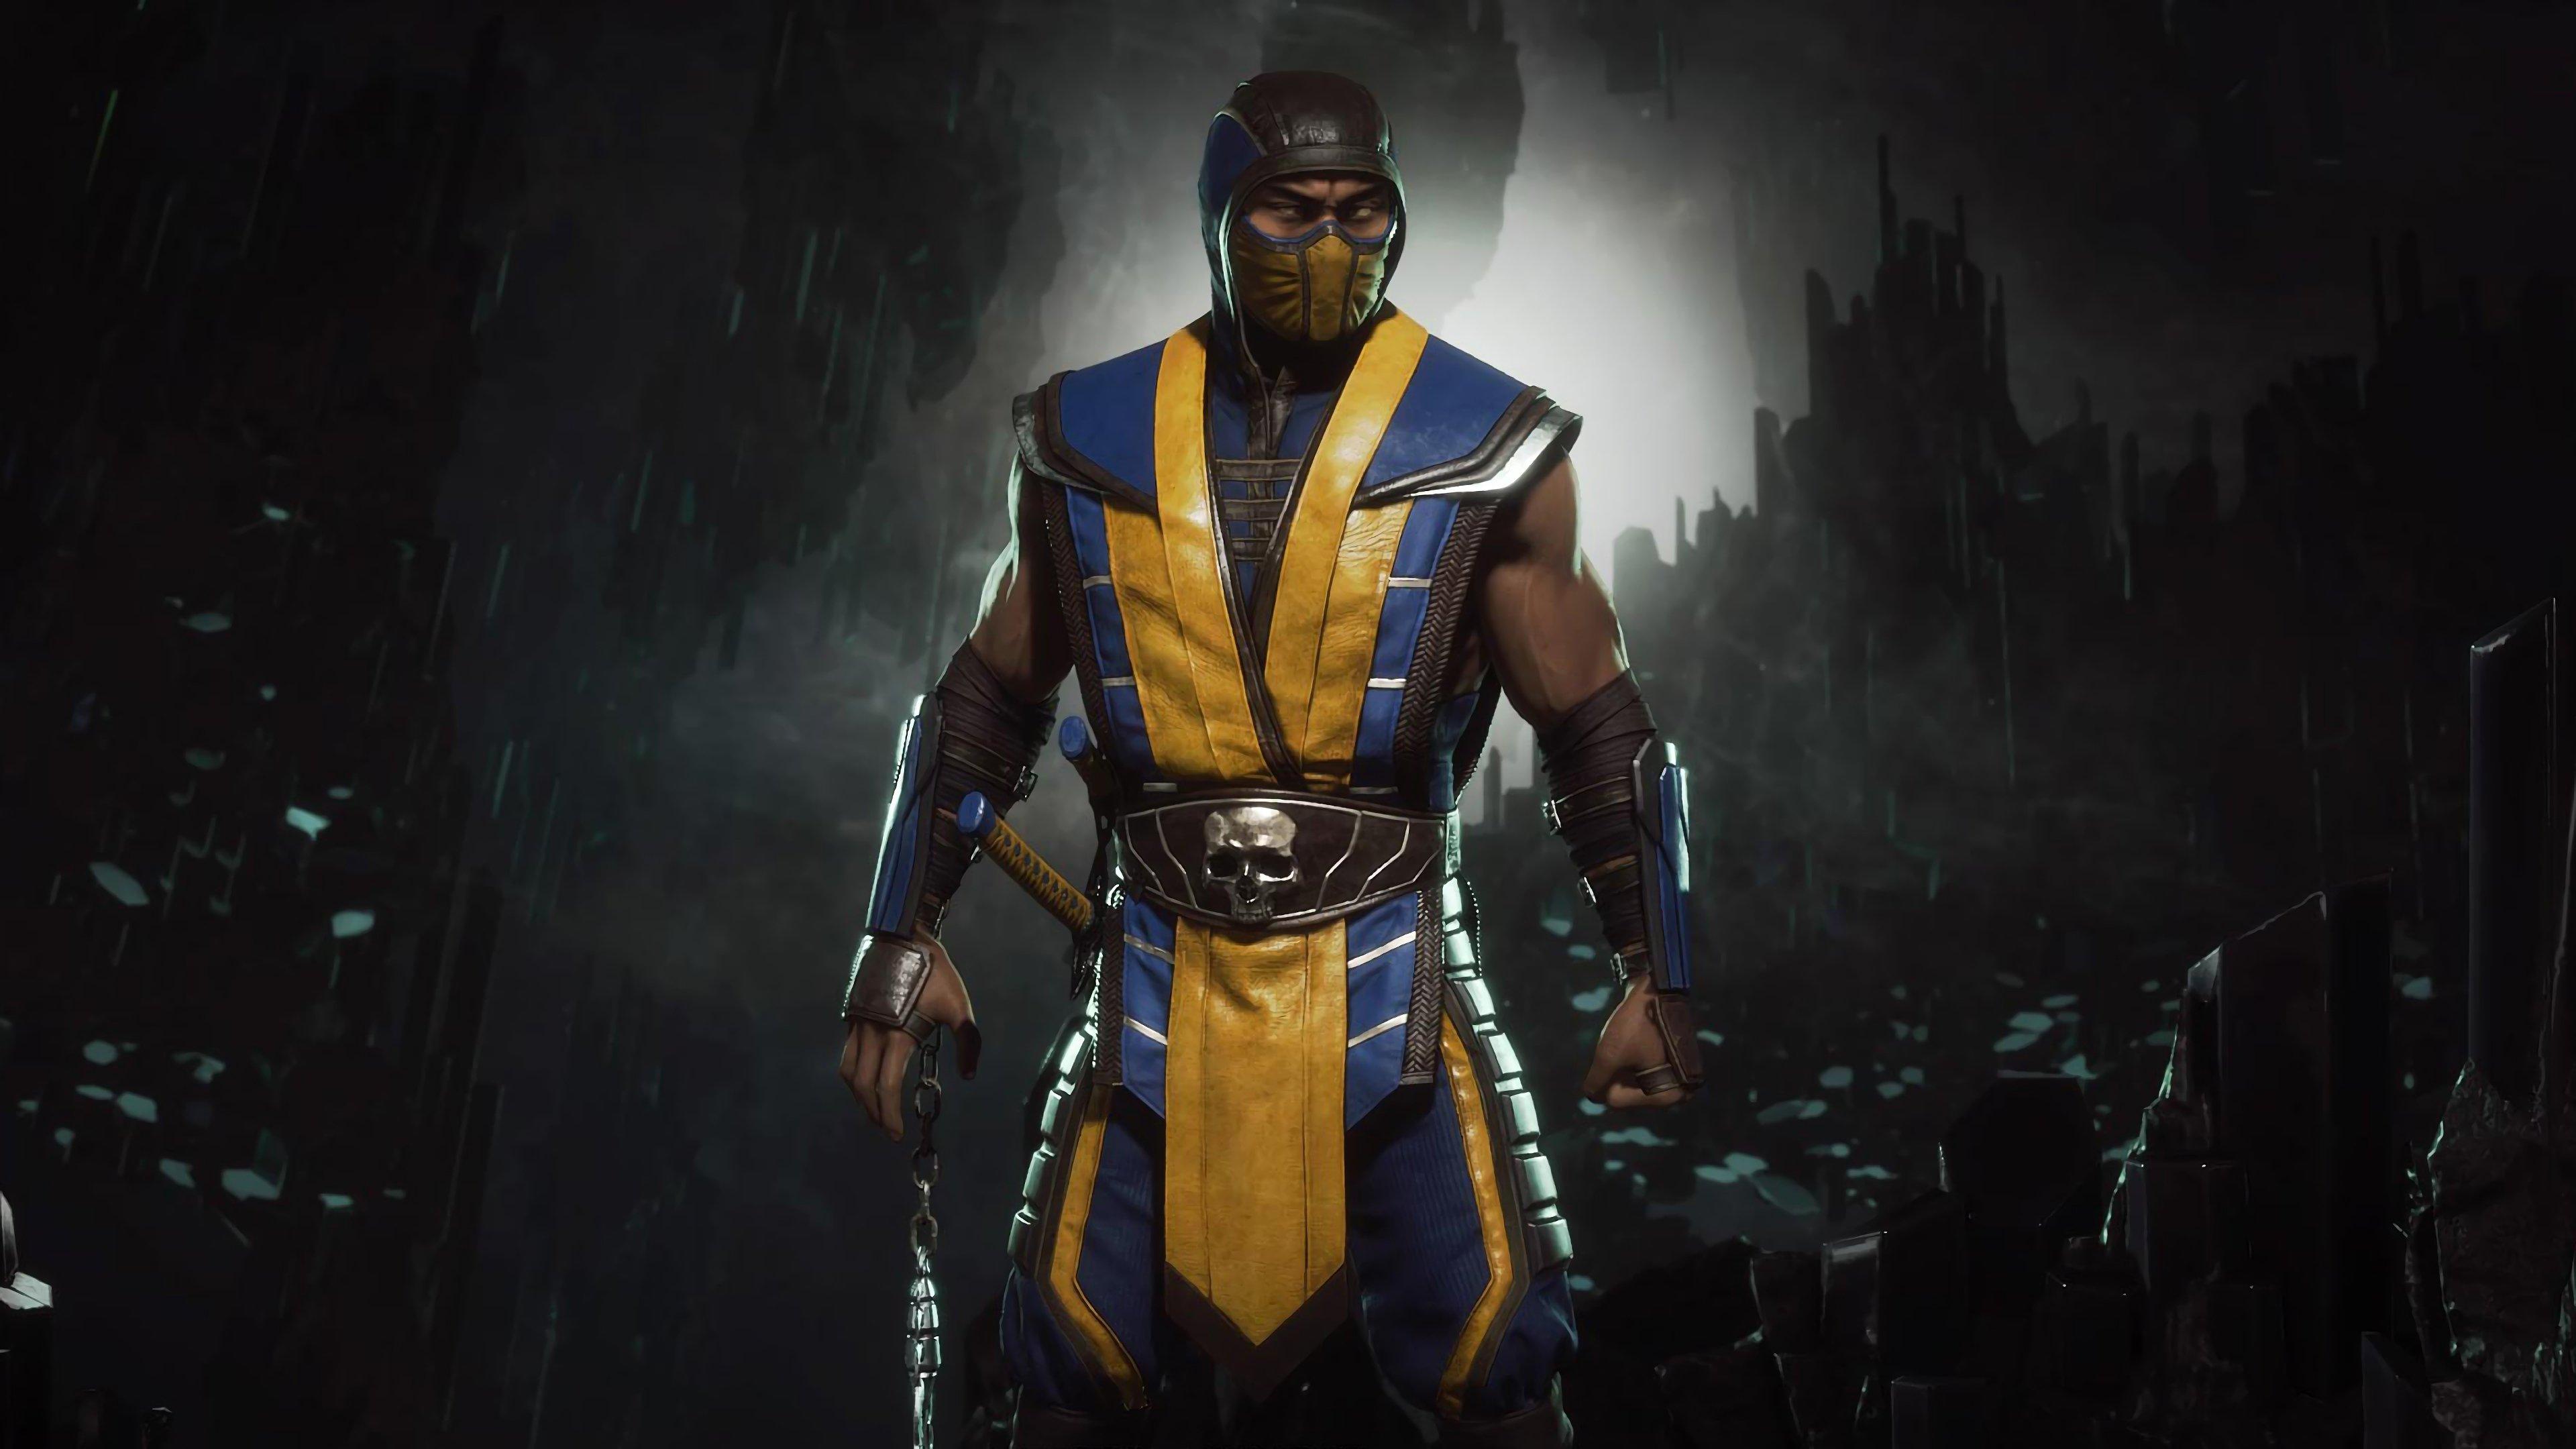 Free Download Mortal Kombat 11 Scorpion 4k Image Hd Games 4k